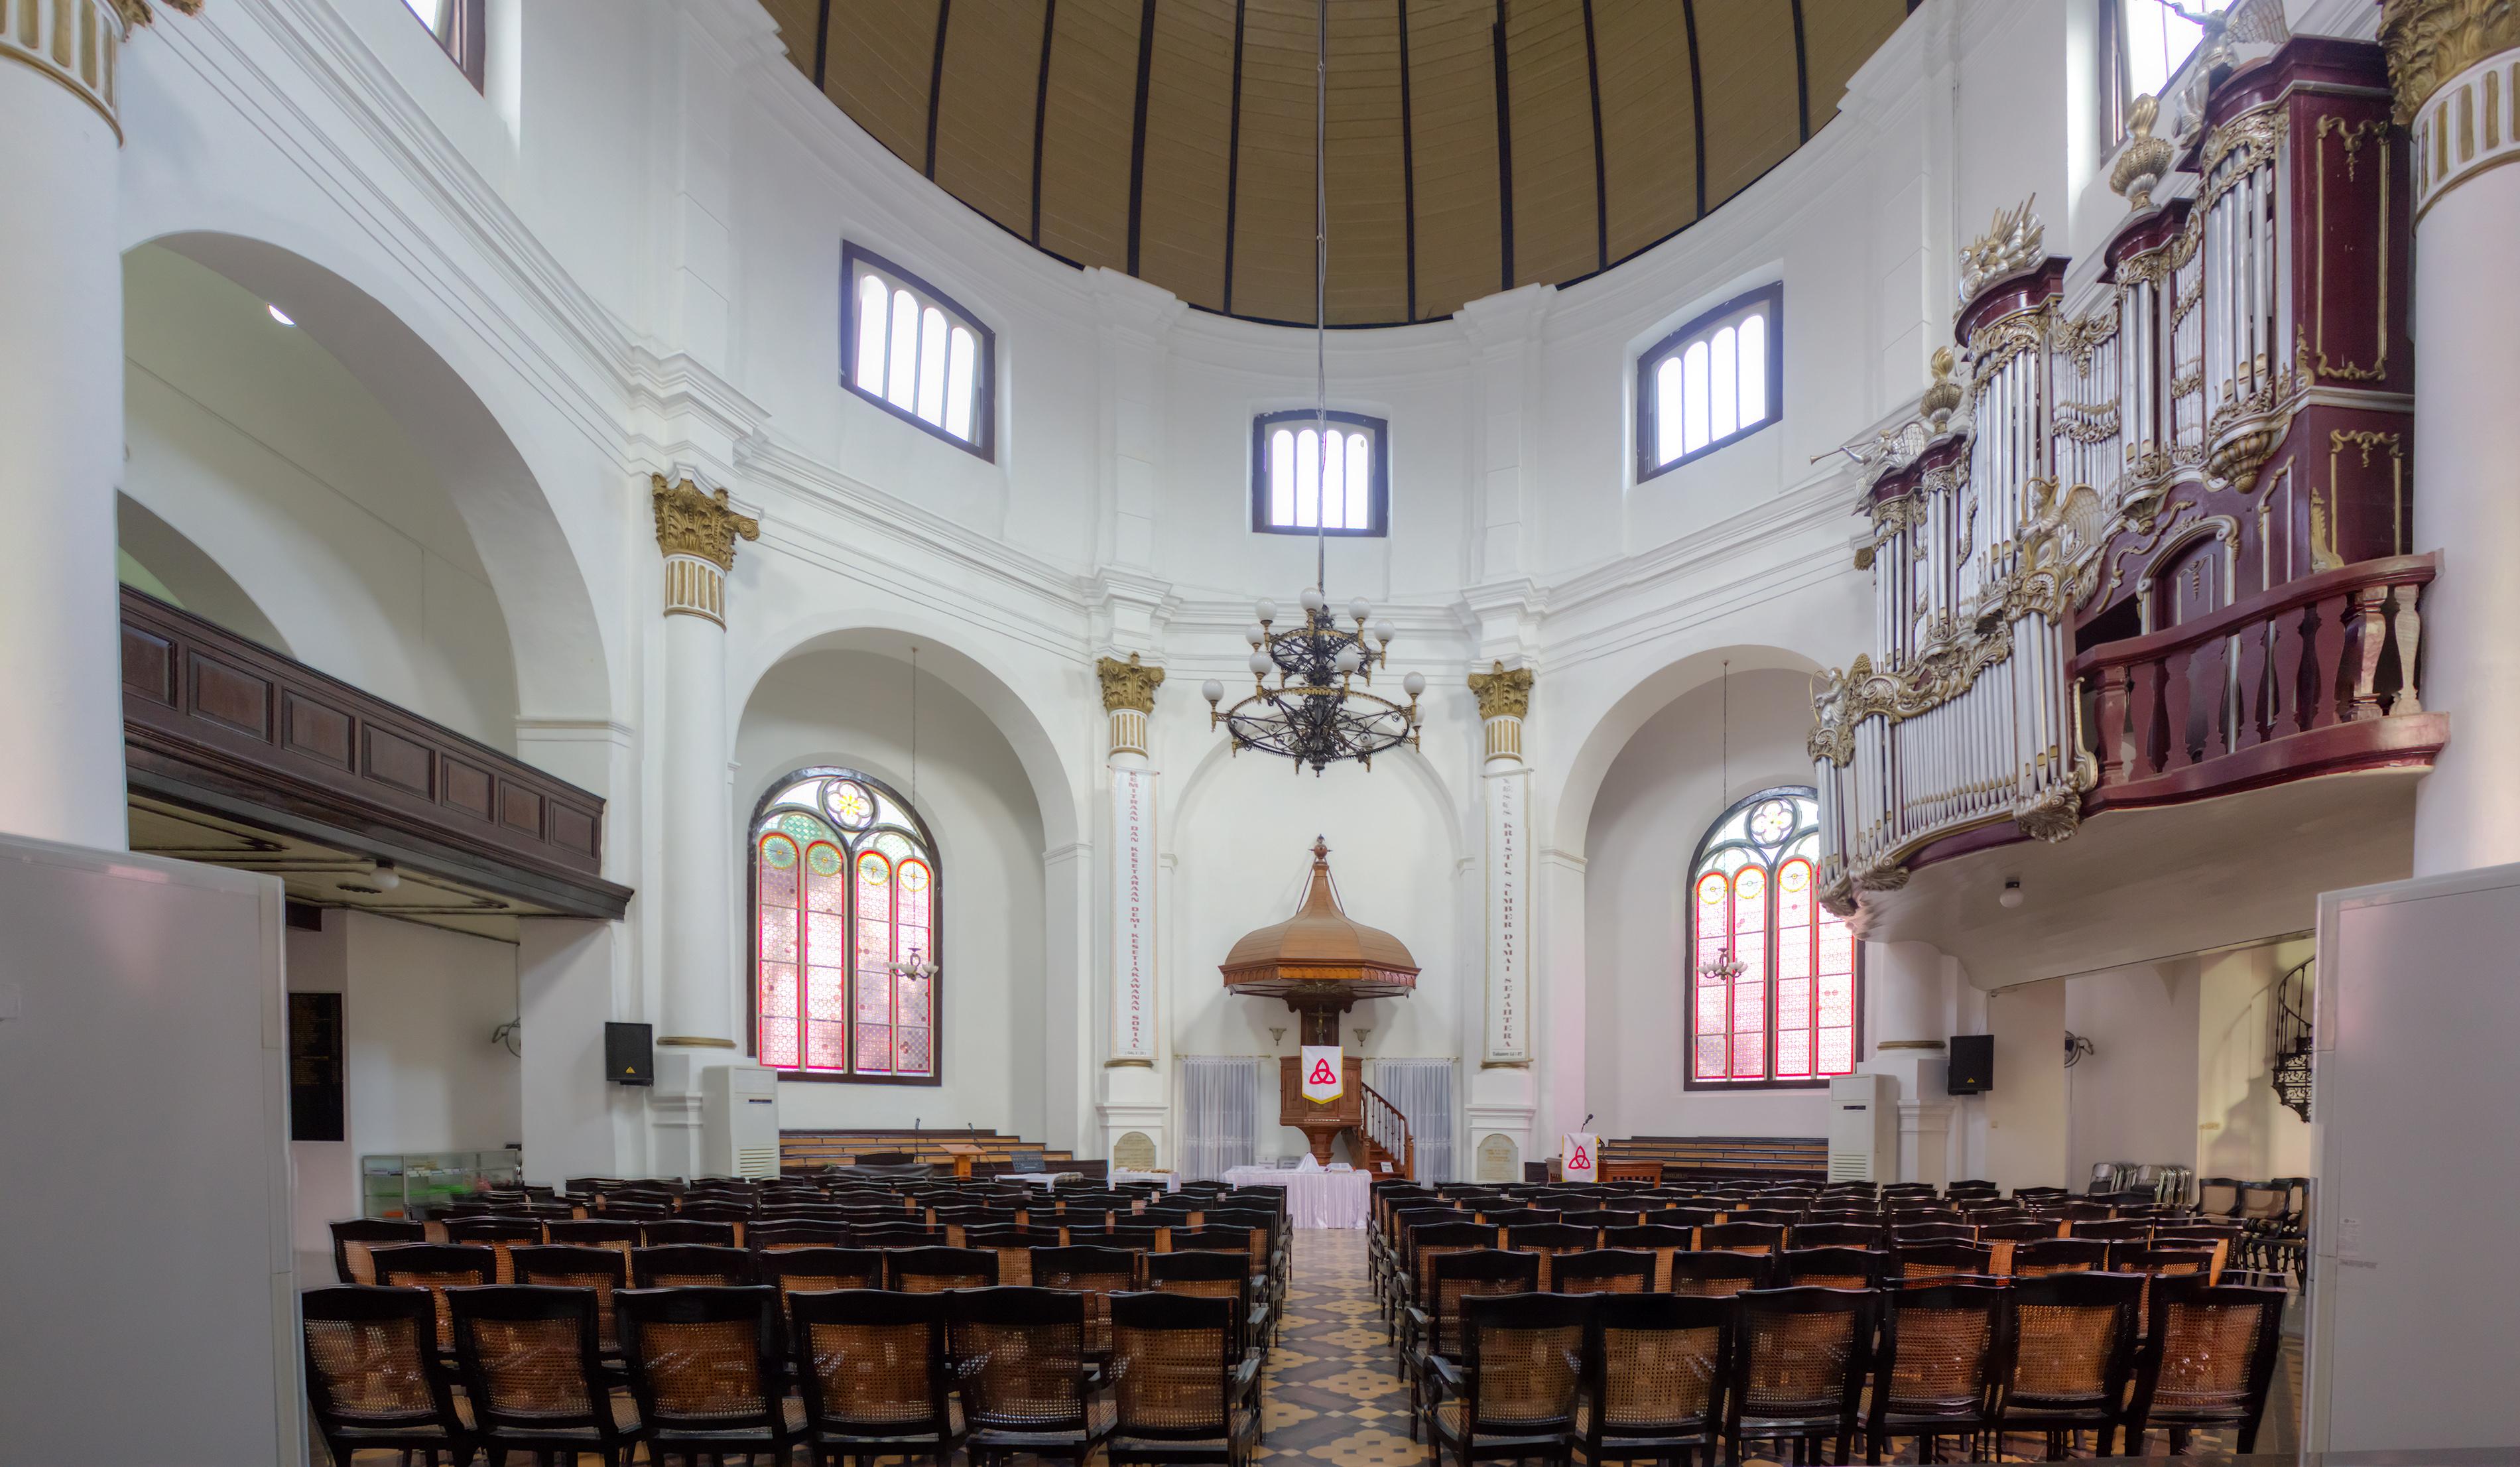 Gereja Blenduk Semarang Salah Satu Tertua Jawa Tengah Kab